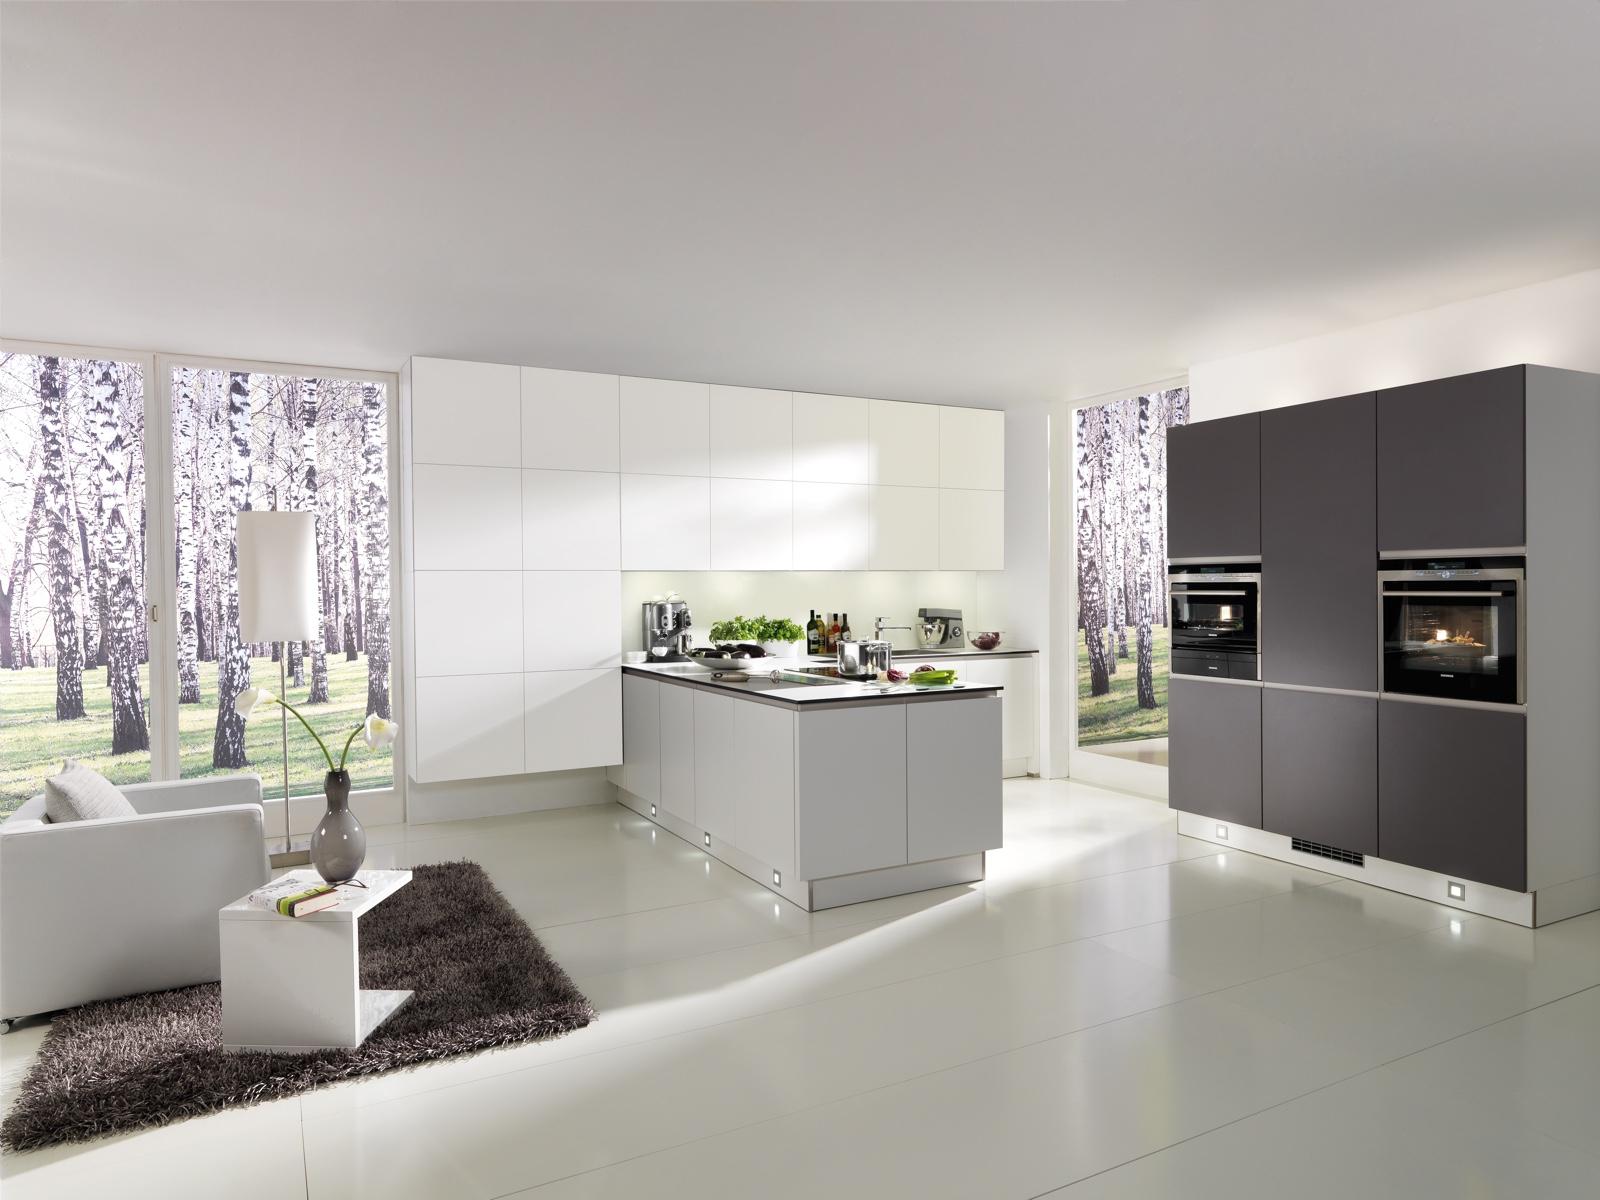 Nolte Thonon Cuisine Moderne NK2150